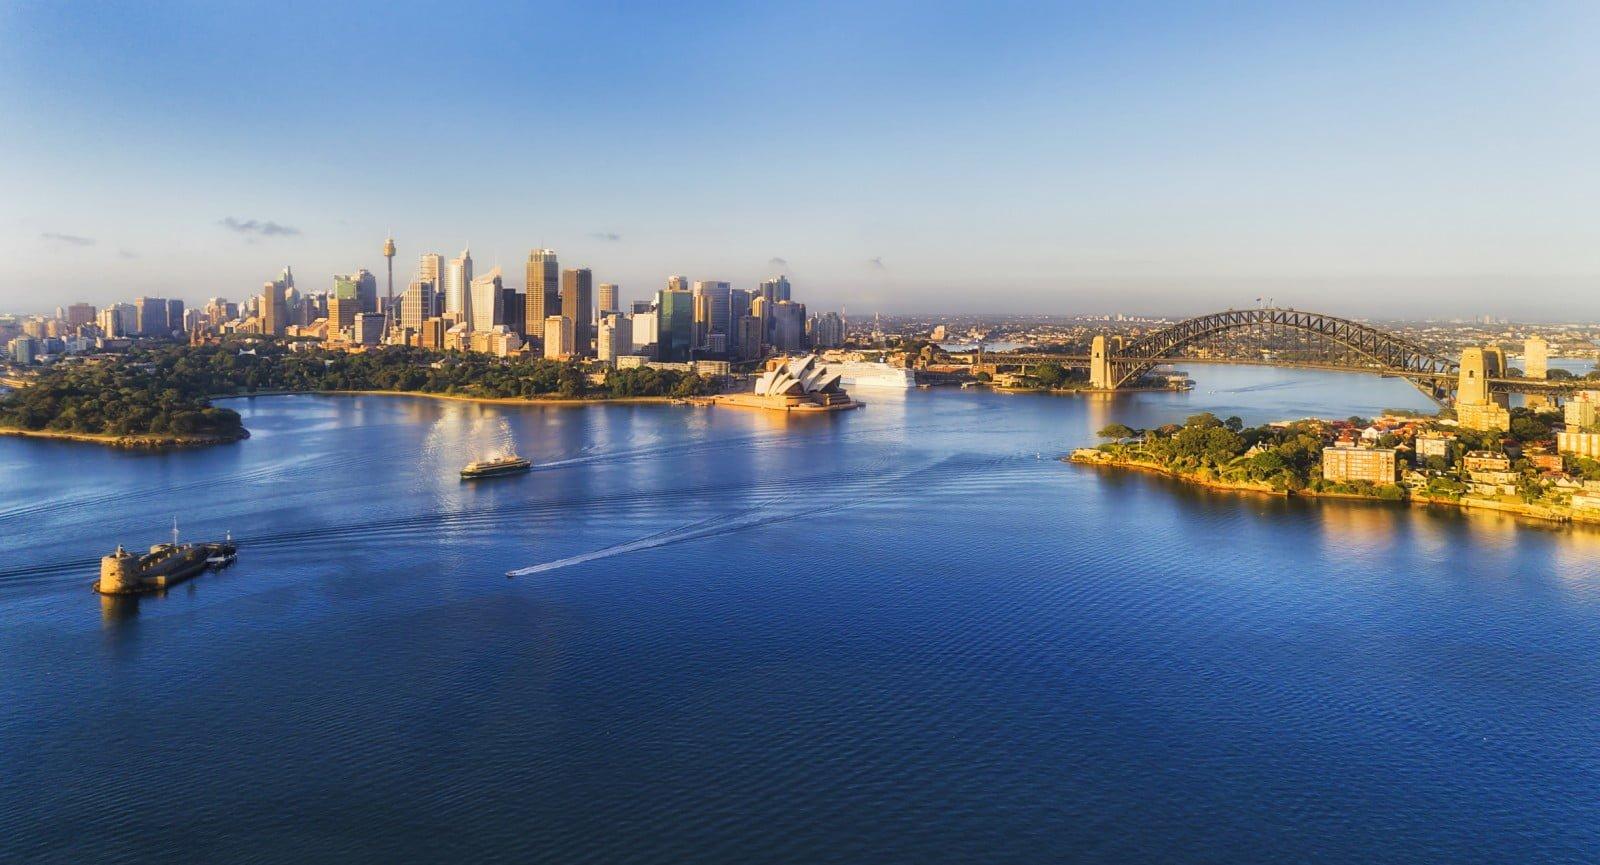 ville de sydney vu des gratte-ciels et de l'eau